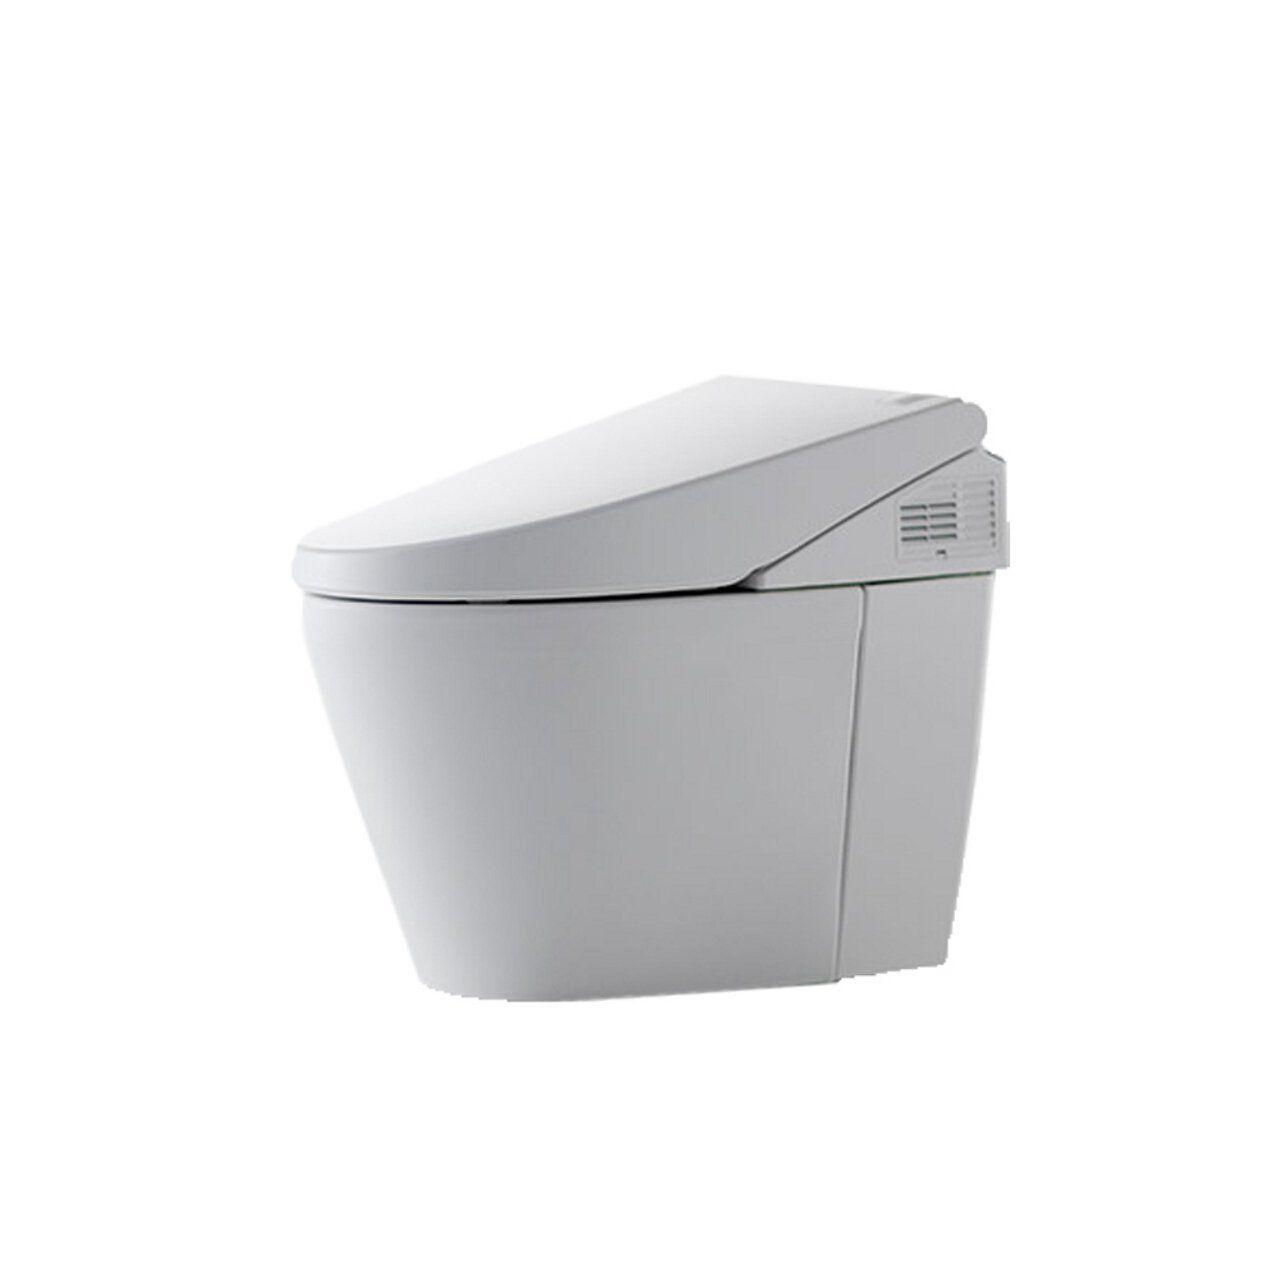 TOTO MS982CUMG-01 Neorest 550H